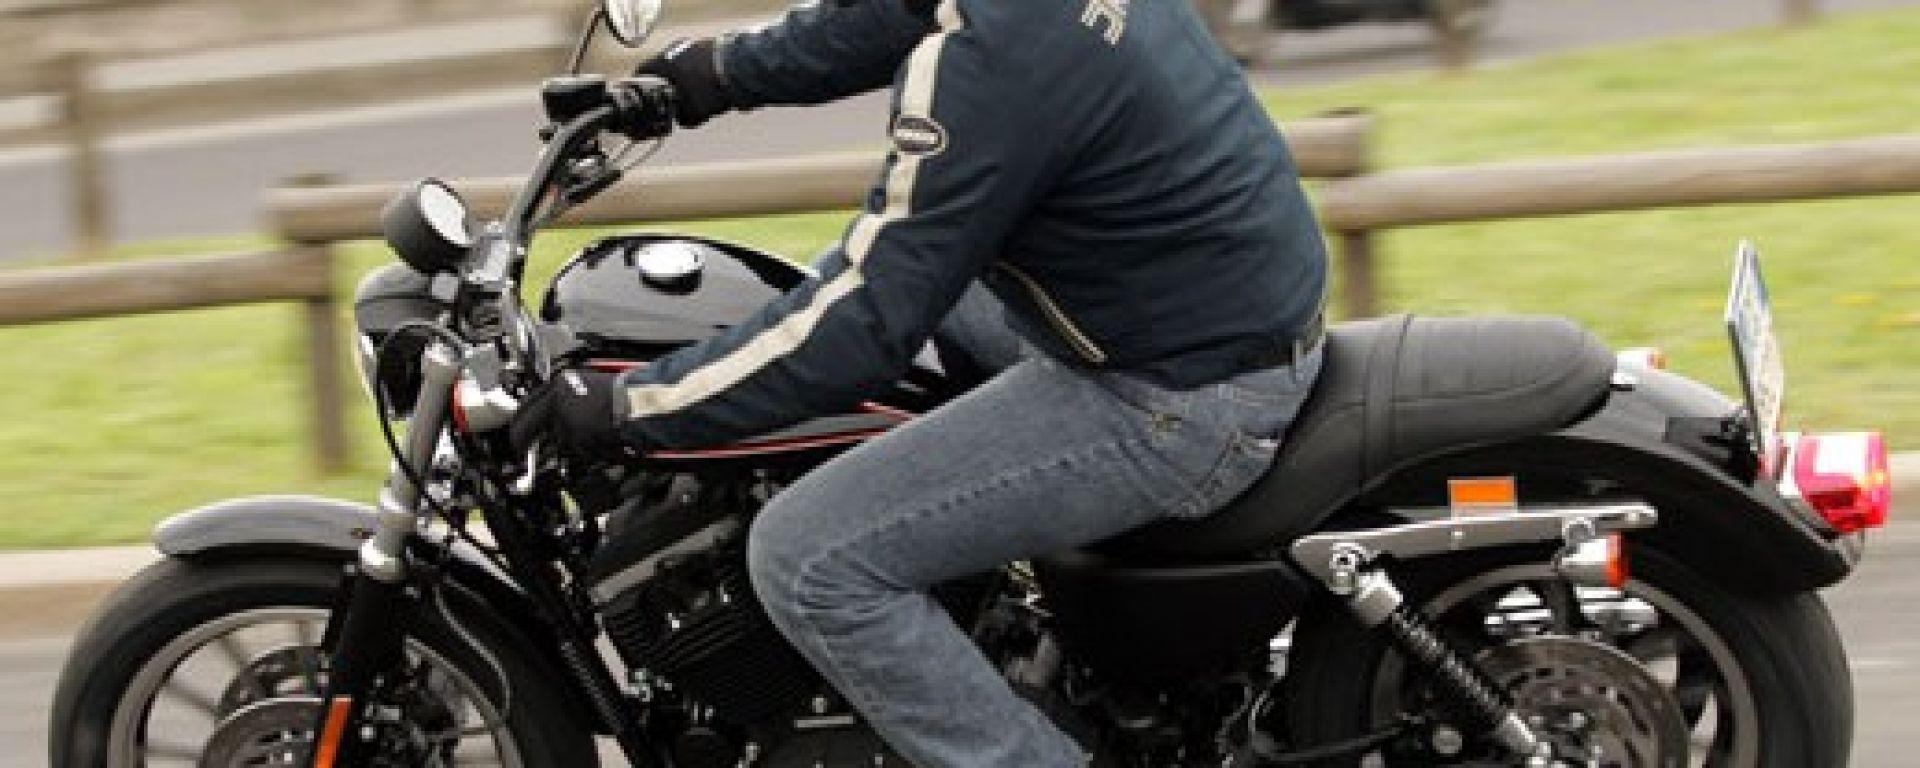 Harley-Davidson 883 R 2005